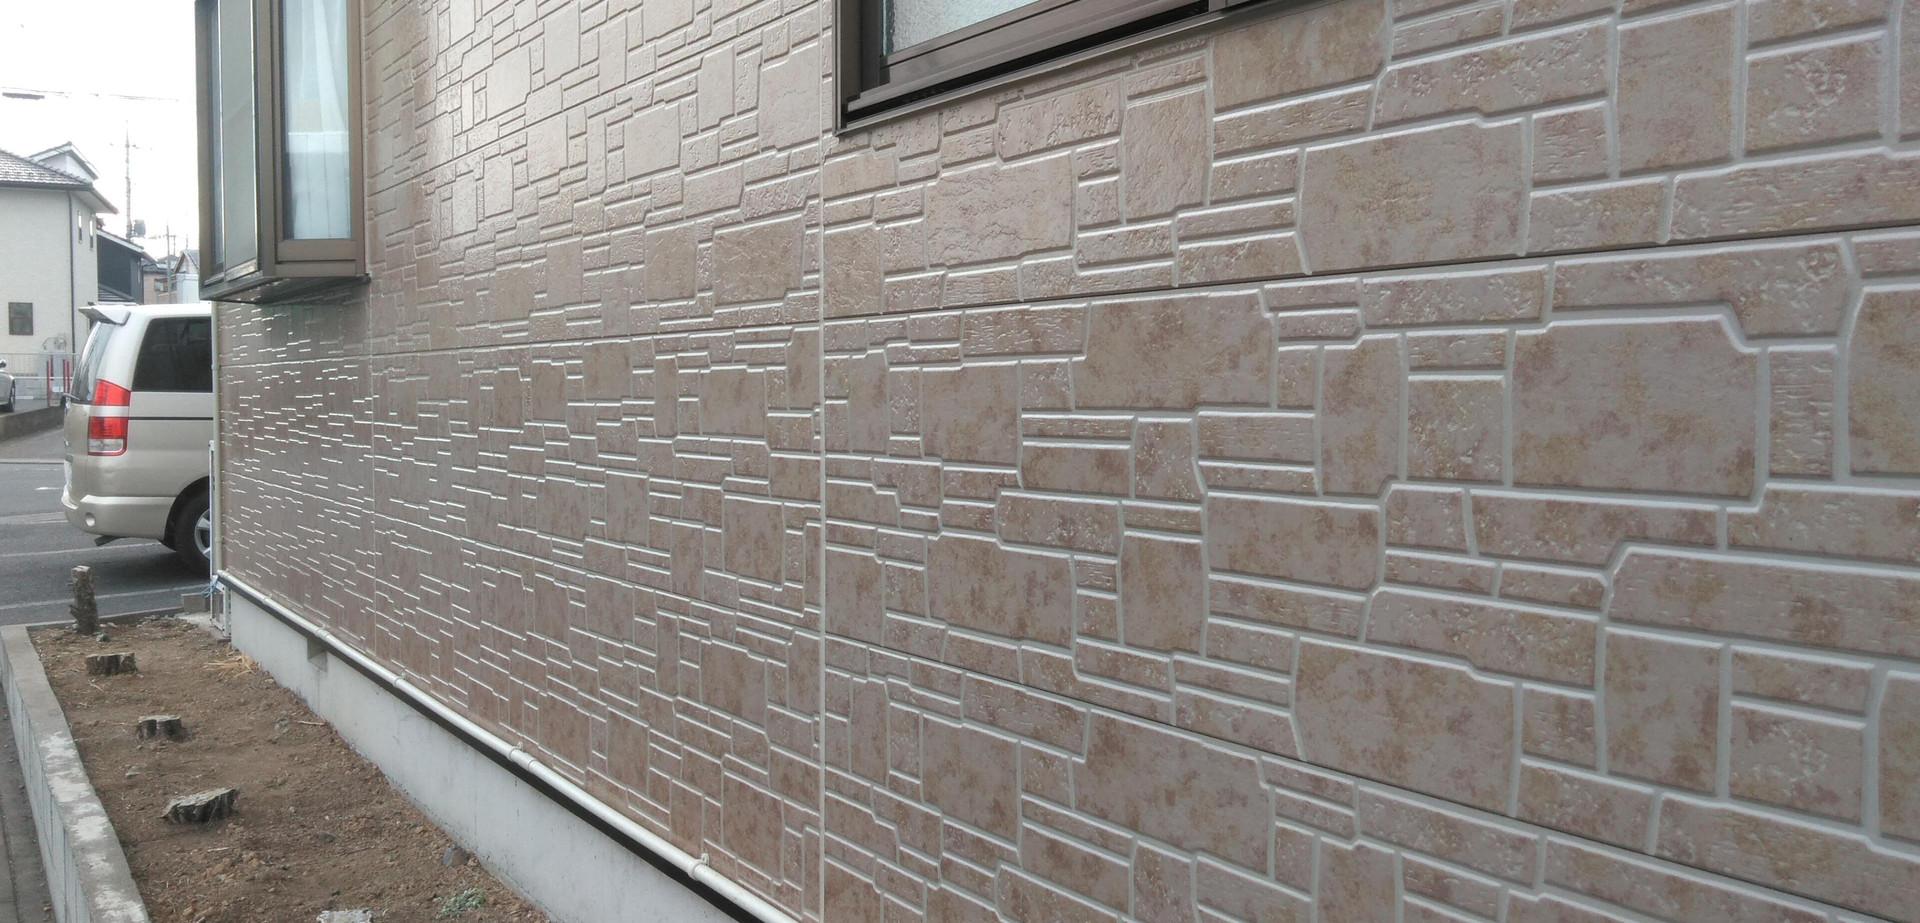 あるゾウリフォーム館 塗装の施工事例 デ・ローサafter5